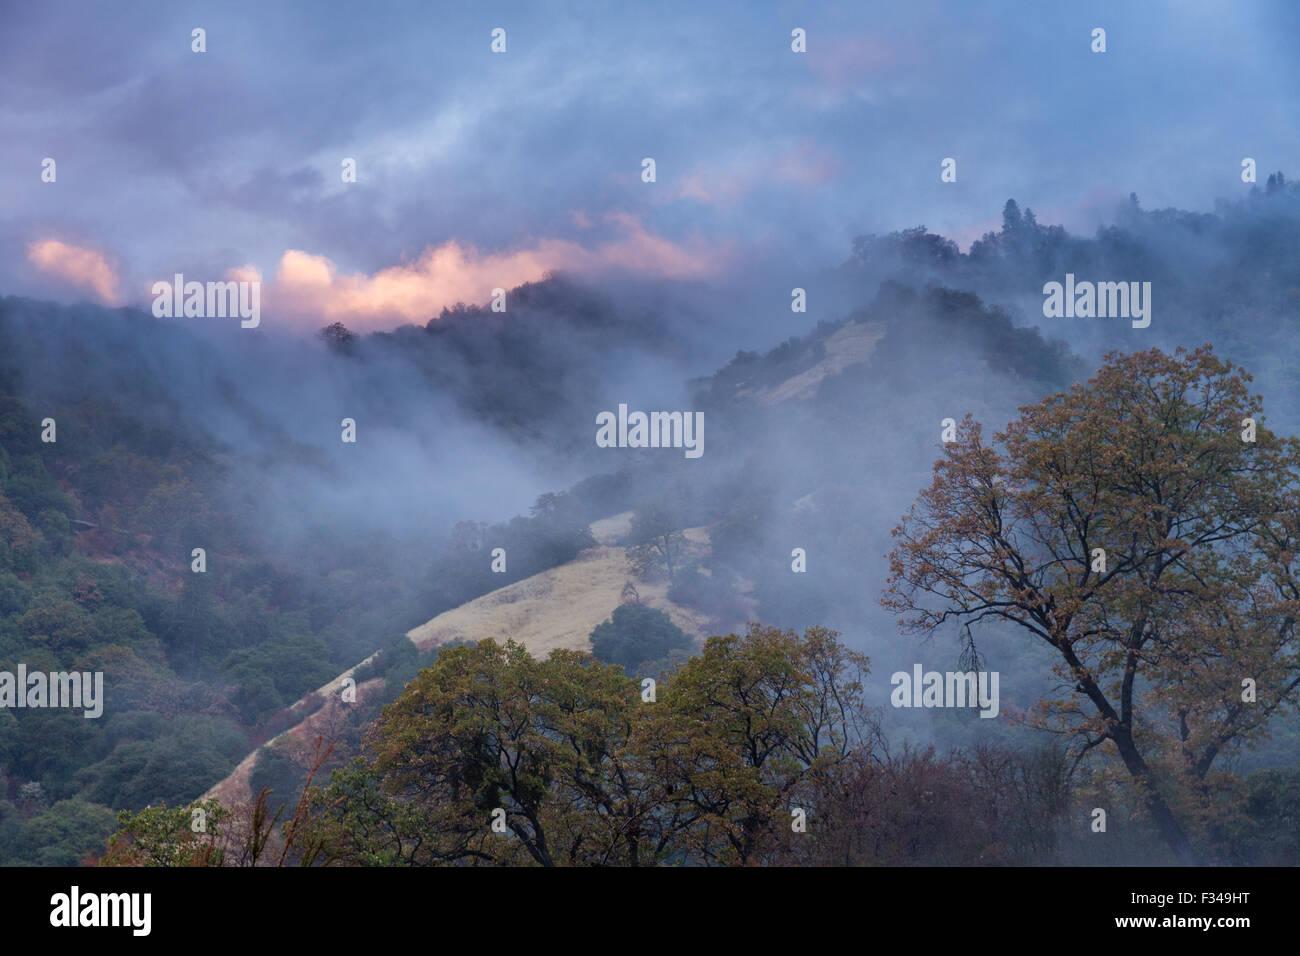 La nebbia dopo una doccia a pioggia nella valle Kaweah, Sequoia National Park, California, Stati Uniti d'America Immagini Stock